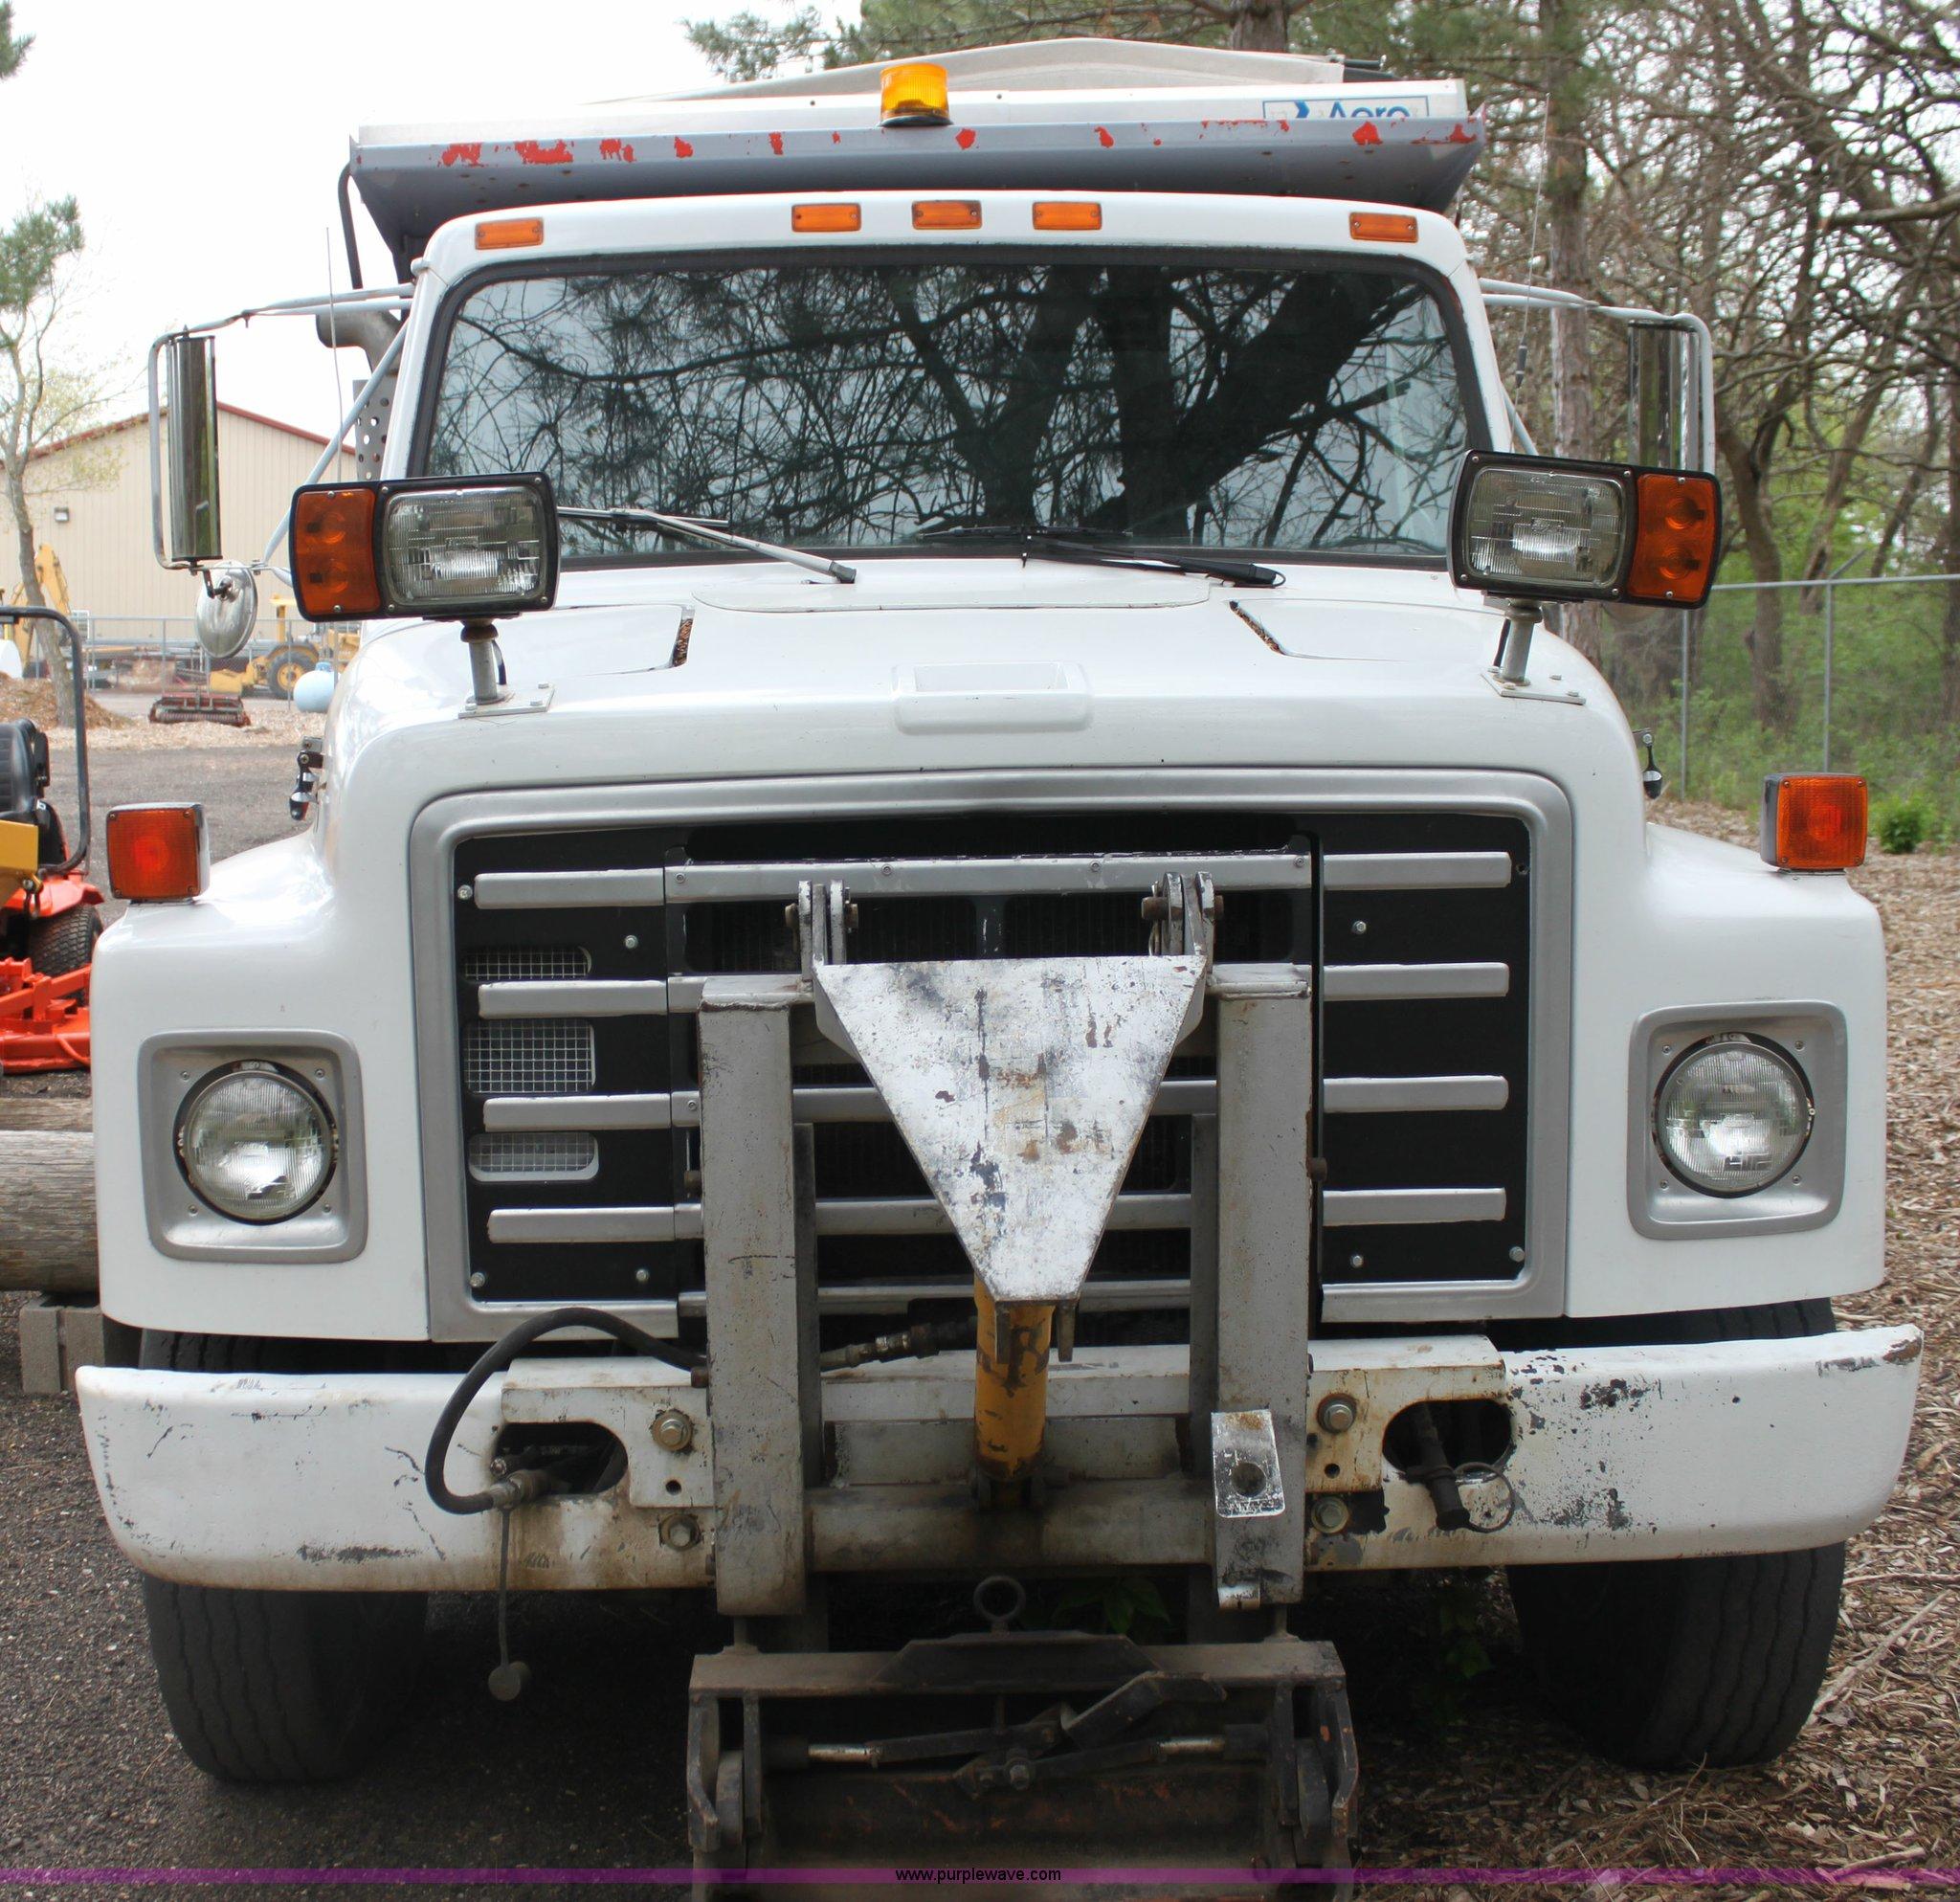 ... 1986 International S1700 dump truck Full size in new window ...